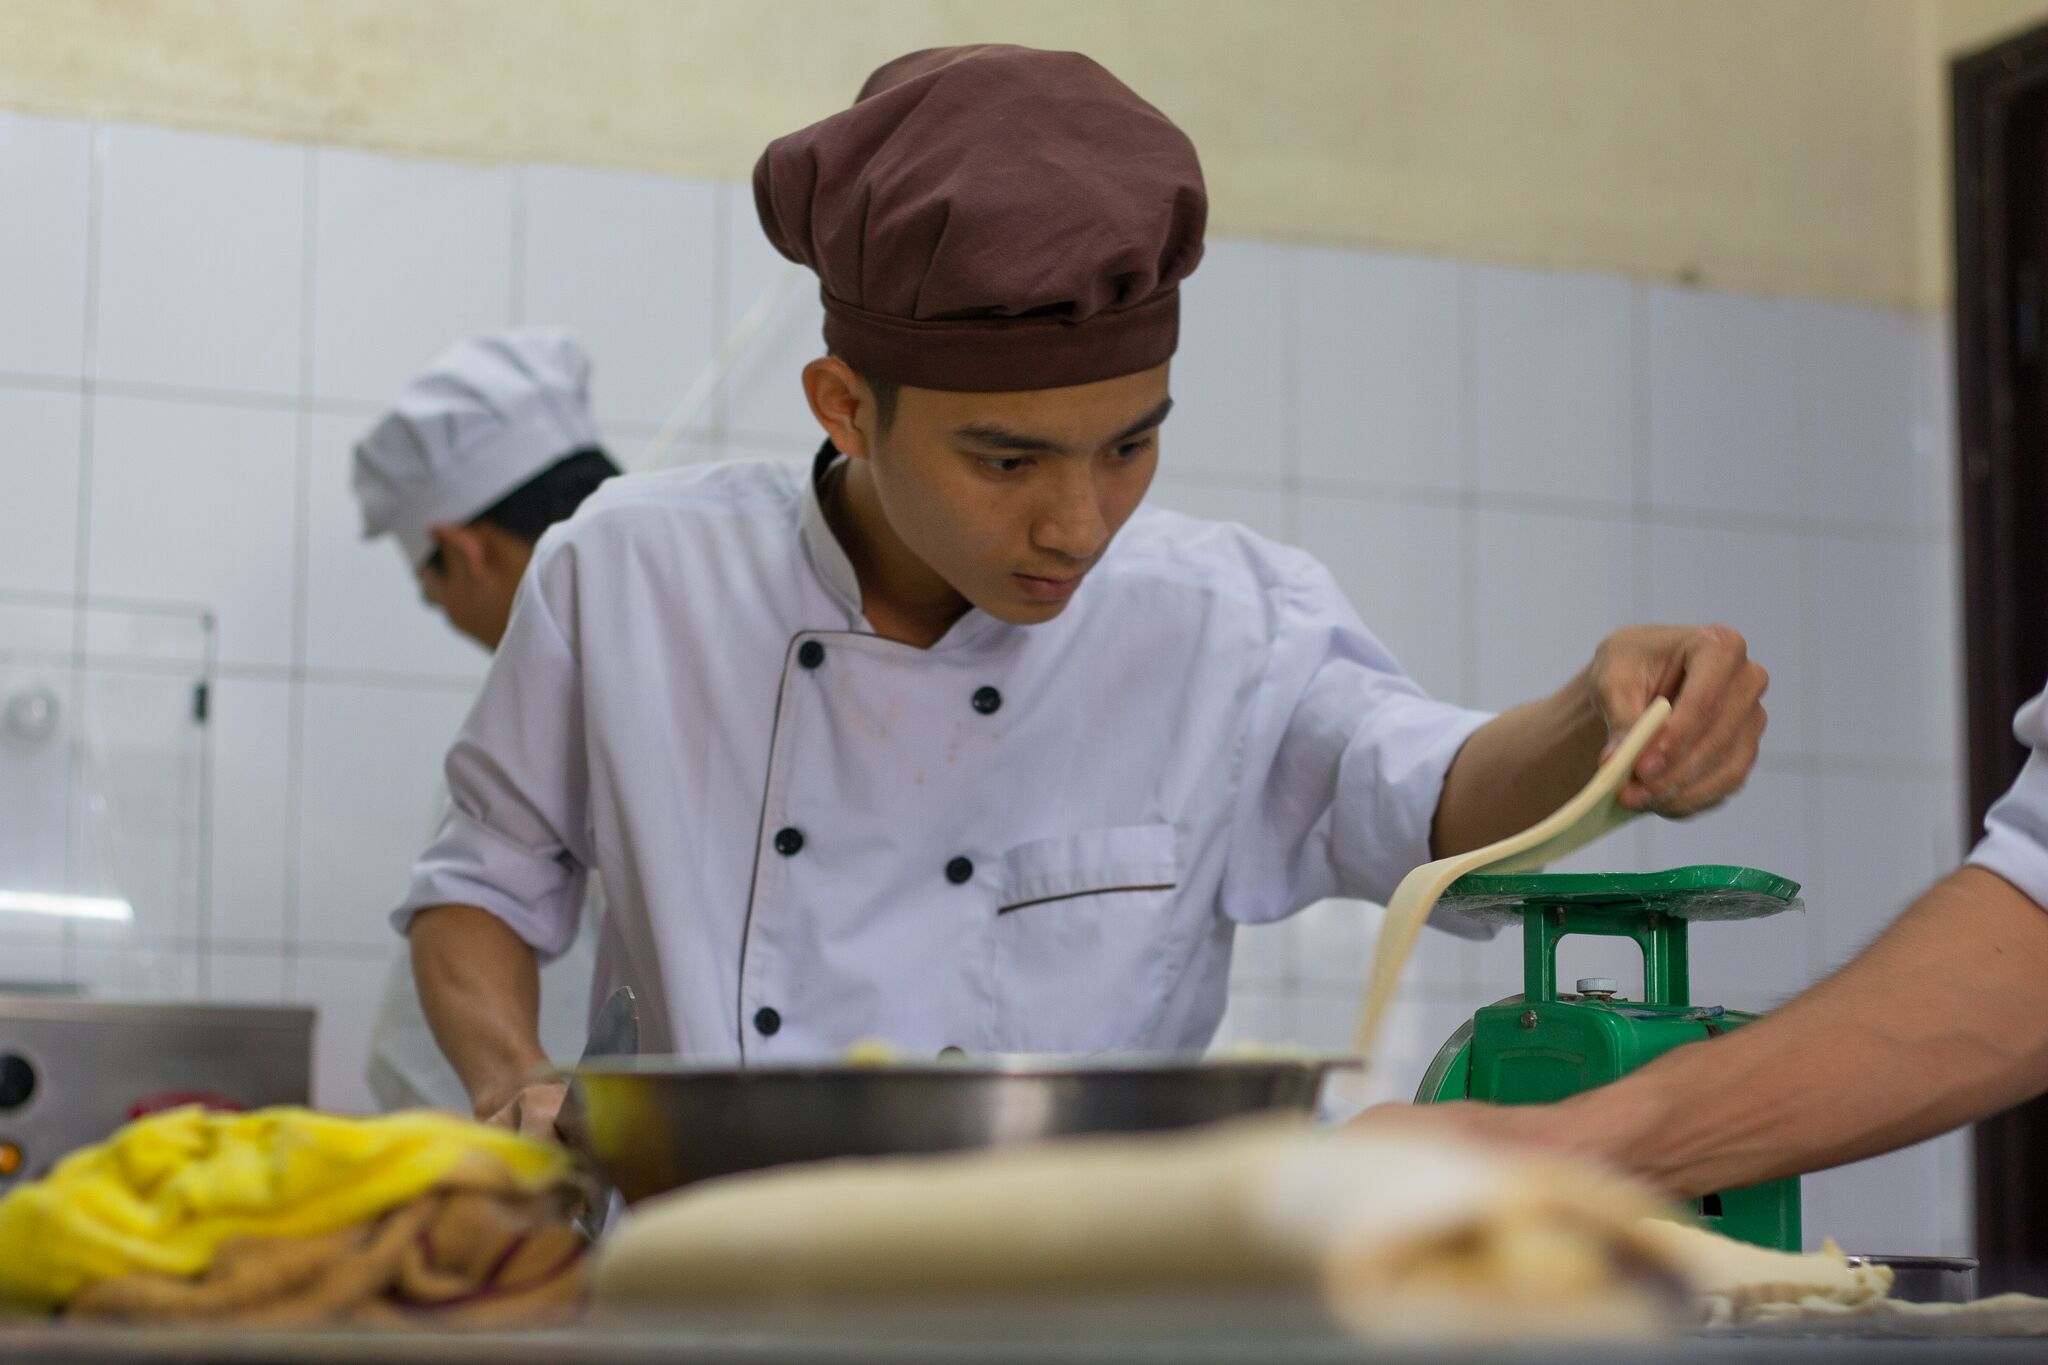 French Bakery and Pastry school in Ho Chi Minh City  ///  L'école de boulangerie-pâtisserie à Hô-Chi-Minh-Ville  ///  Trường đào tạo bánh mì & bánh ngọt Pháp tại TP. Hồ Chí Minh